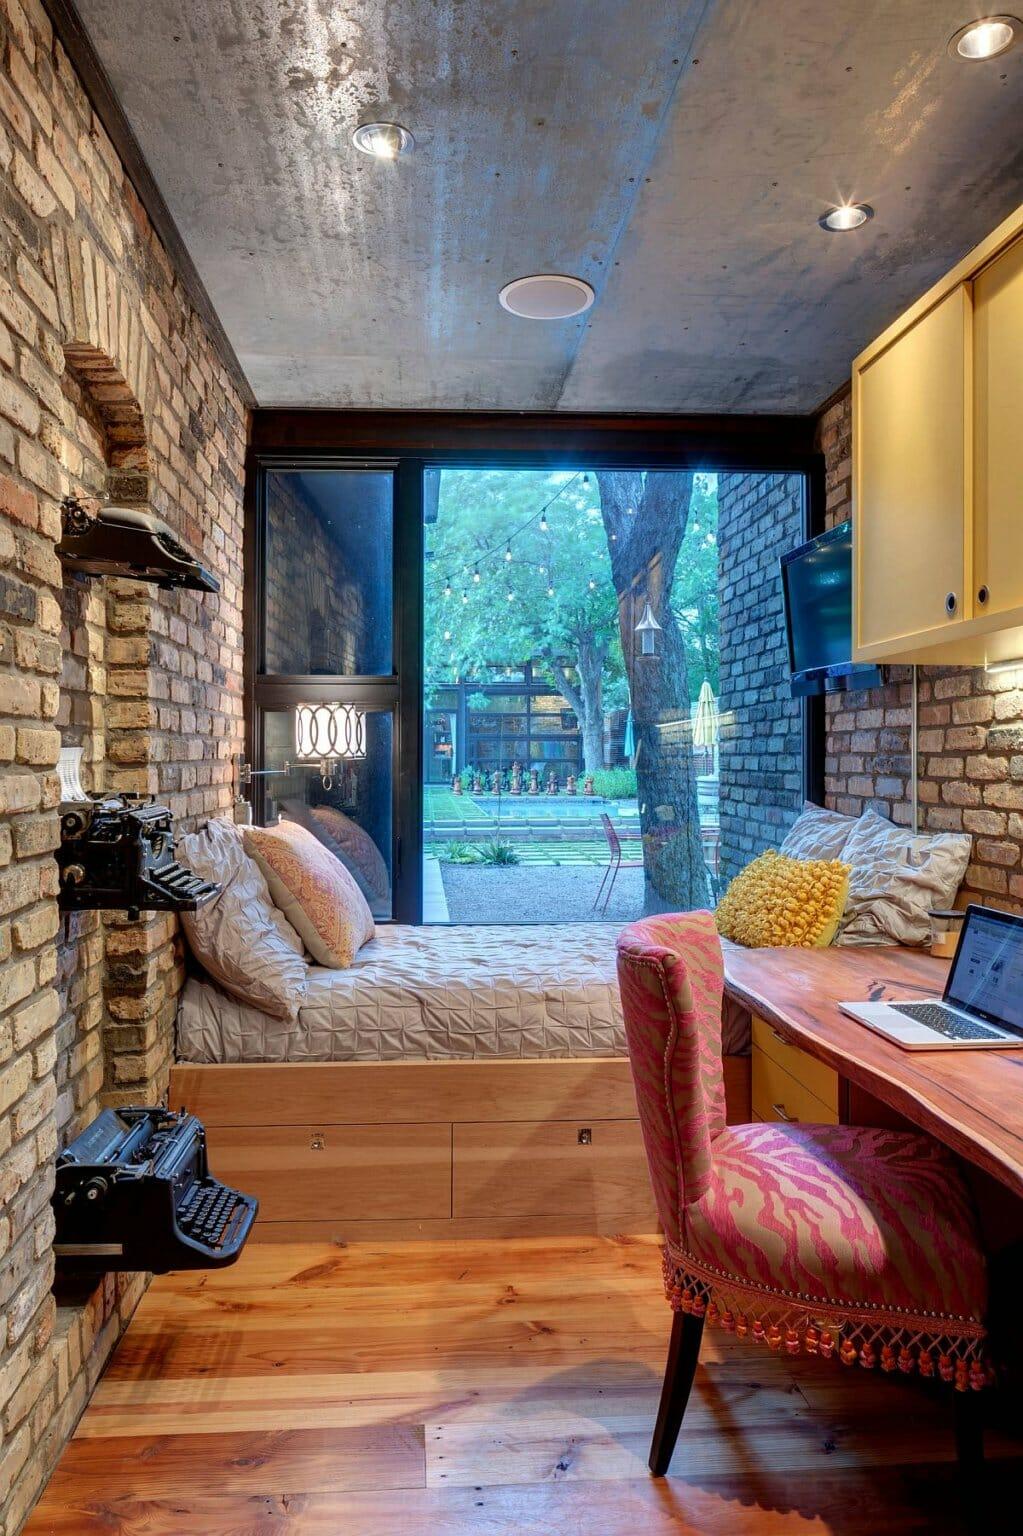 hình ảnh phòng ngủ nhỏ phong cách công nghiệp có cửa sổ kính lớn